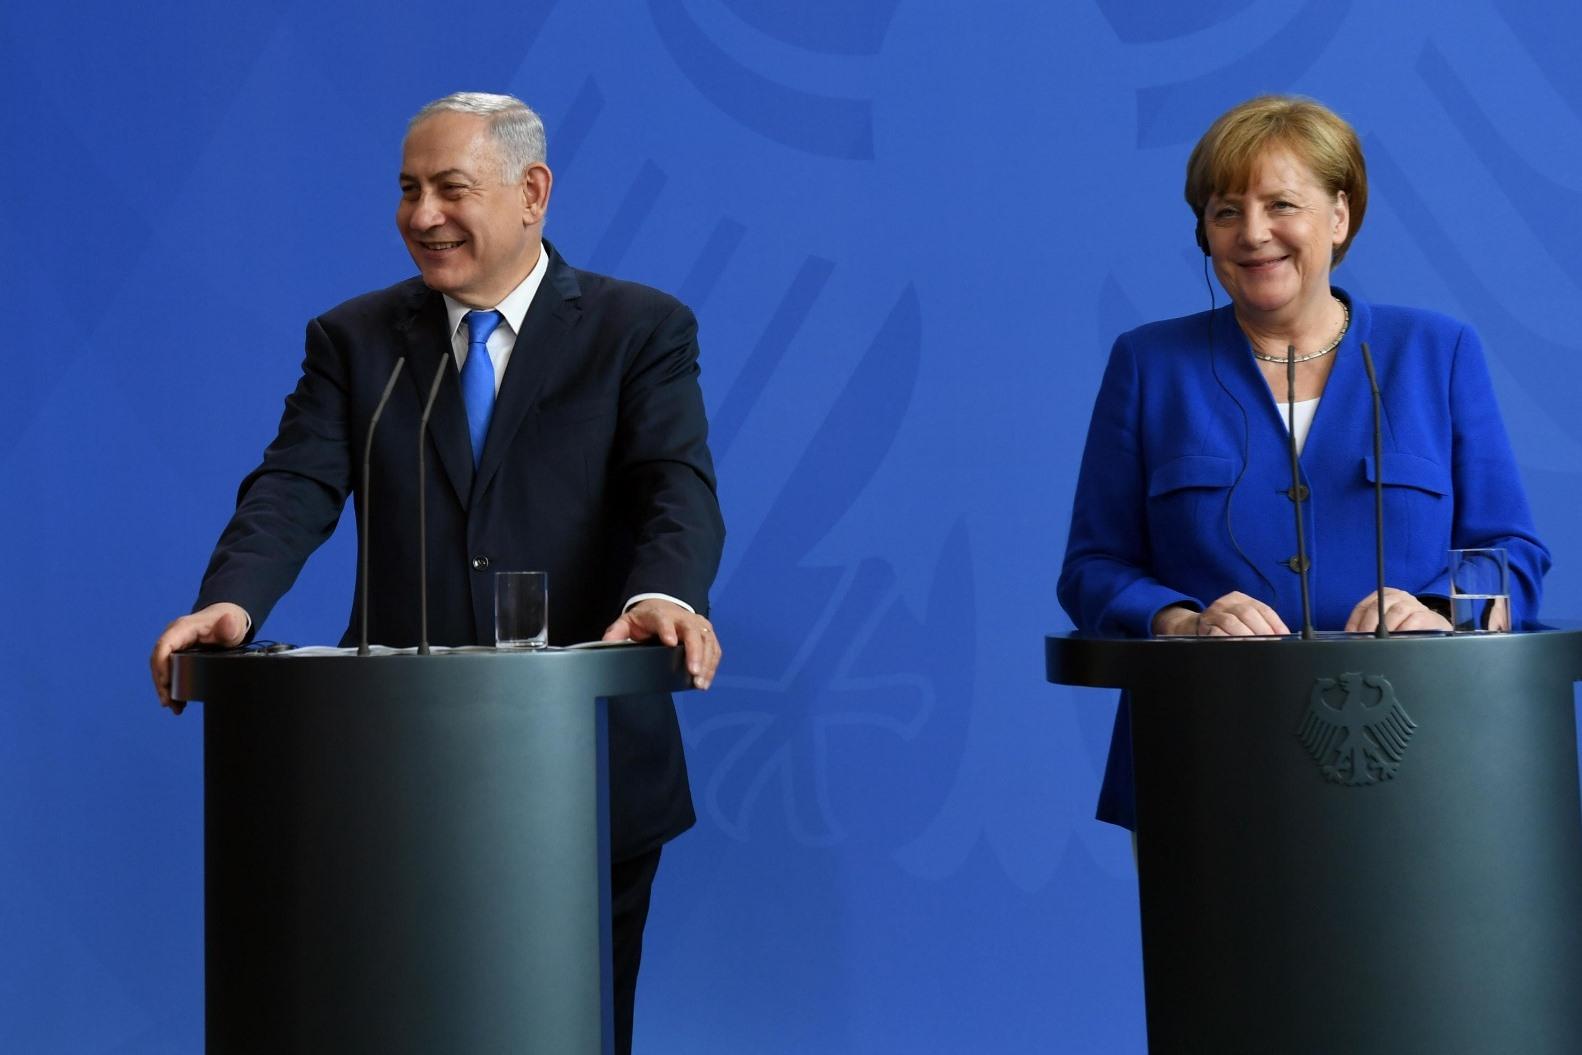 """נתניהו לקנצלרית גרמניה: """"איראן ממשיכה בשלה, לא נאפשר לה להפוך למדינה גרעינית"""""""